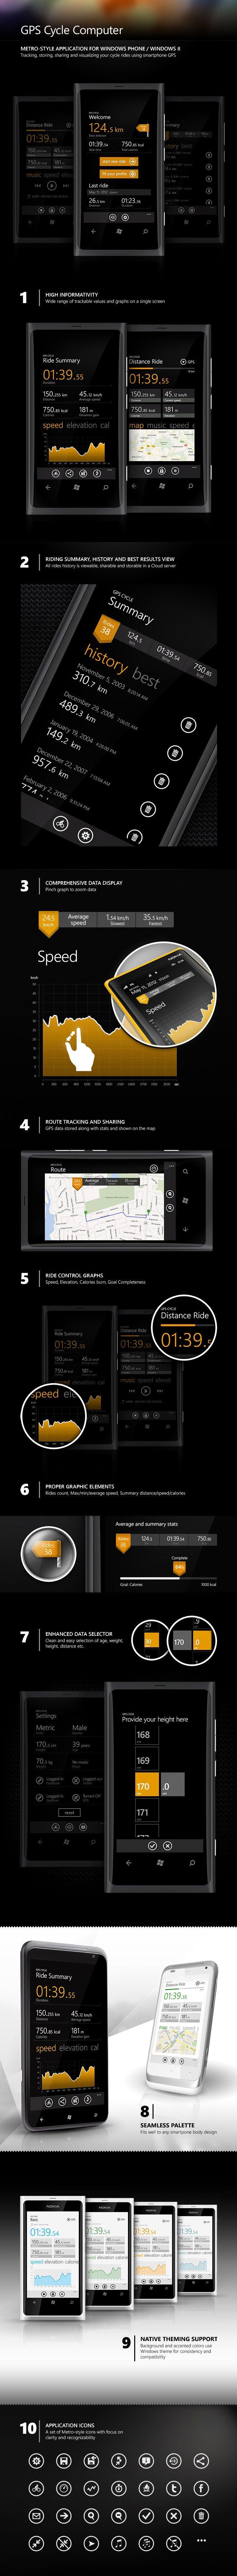 GPS Cycle (Metro application) by Alexey Tcherniak